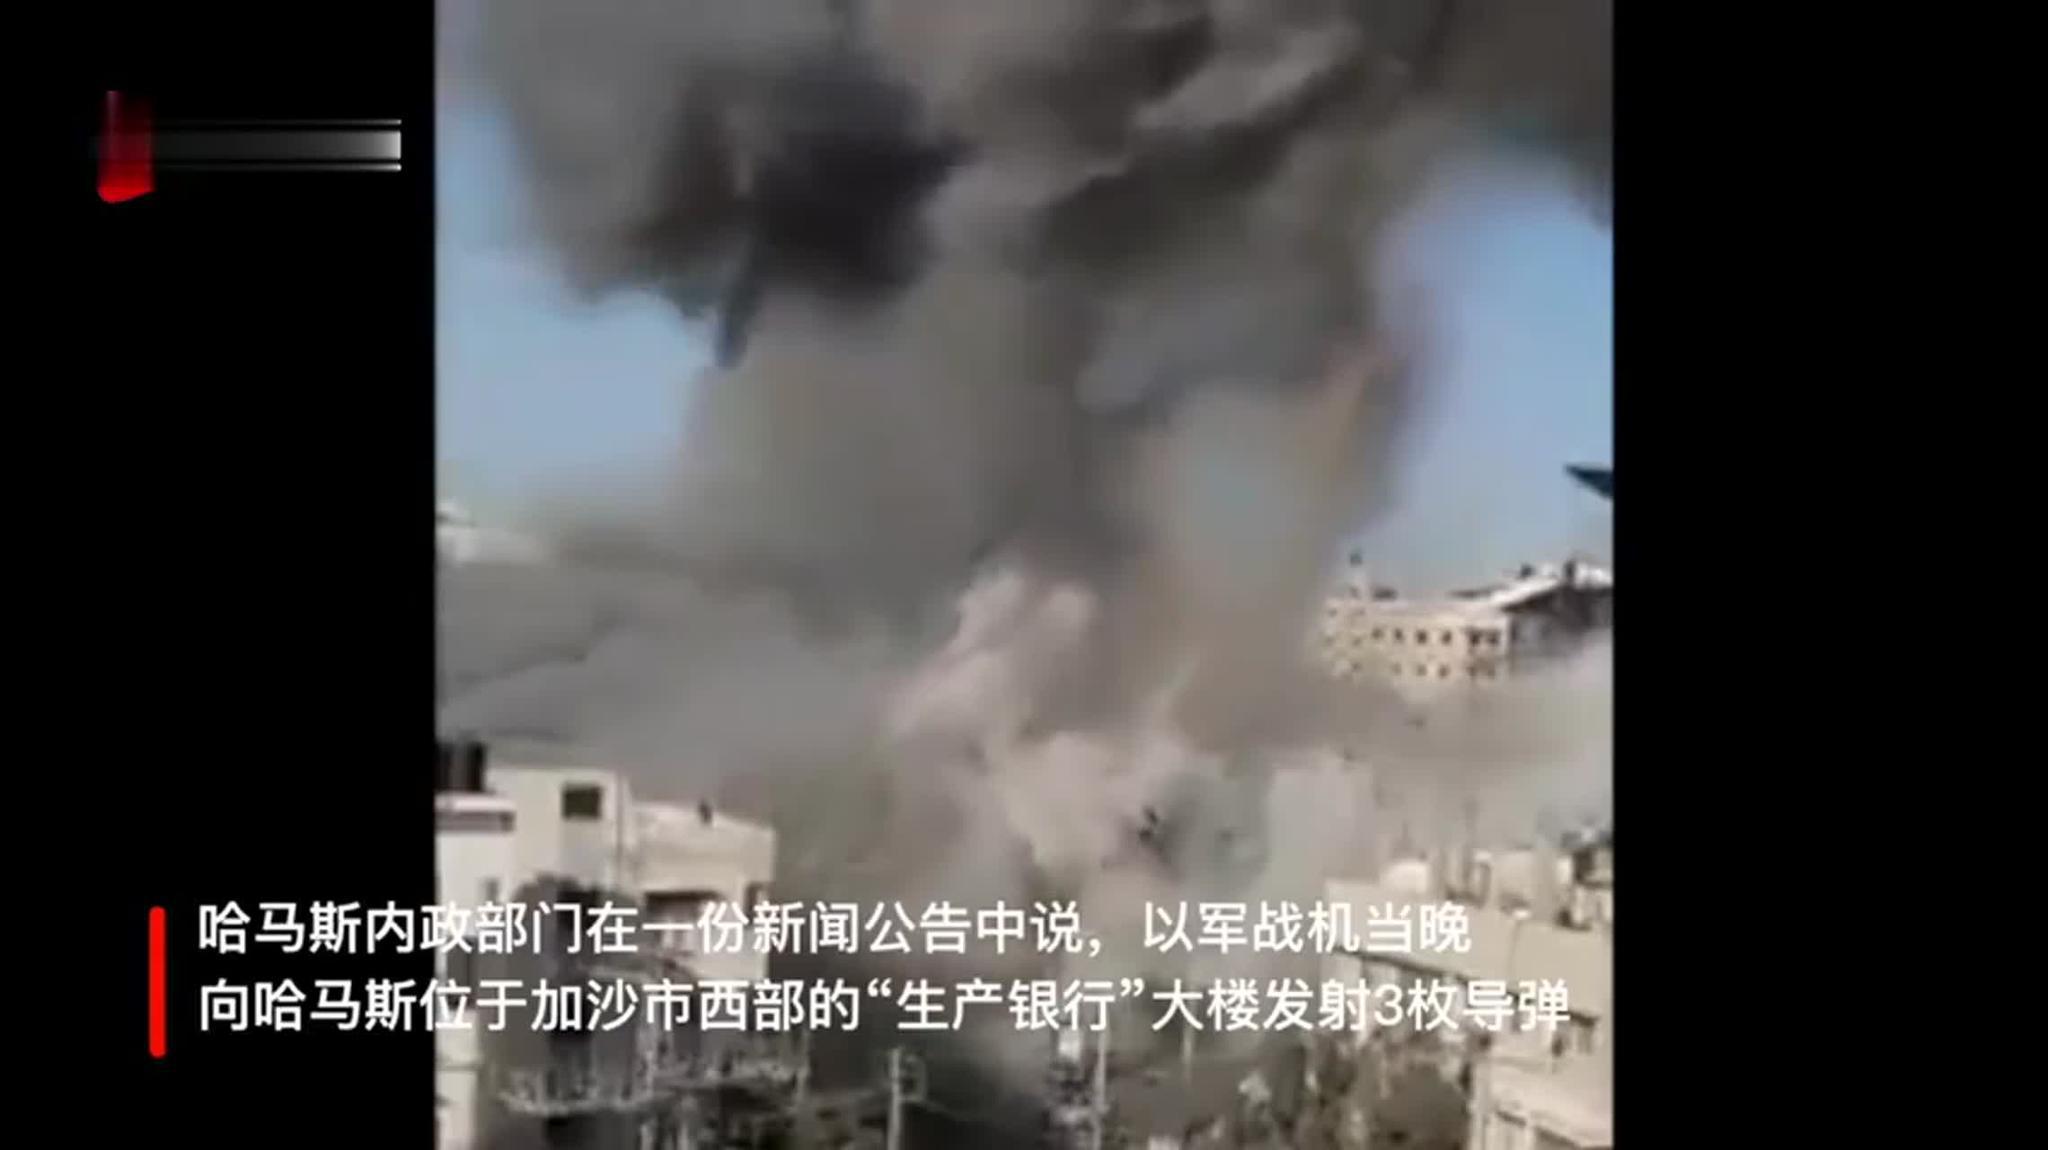 以色列军队摧毁哈马斯银行大楼 :发射3枚导弹,5层楼房瞬间夷为平地